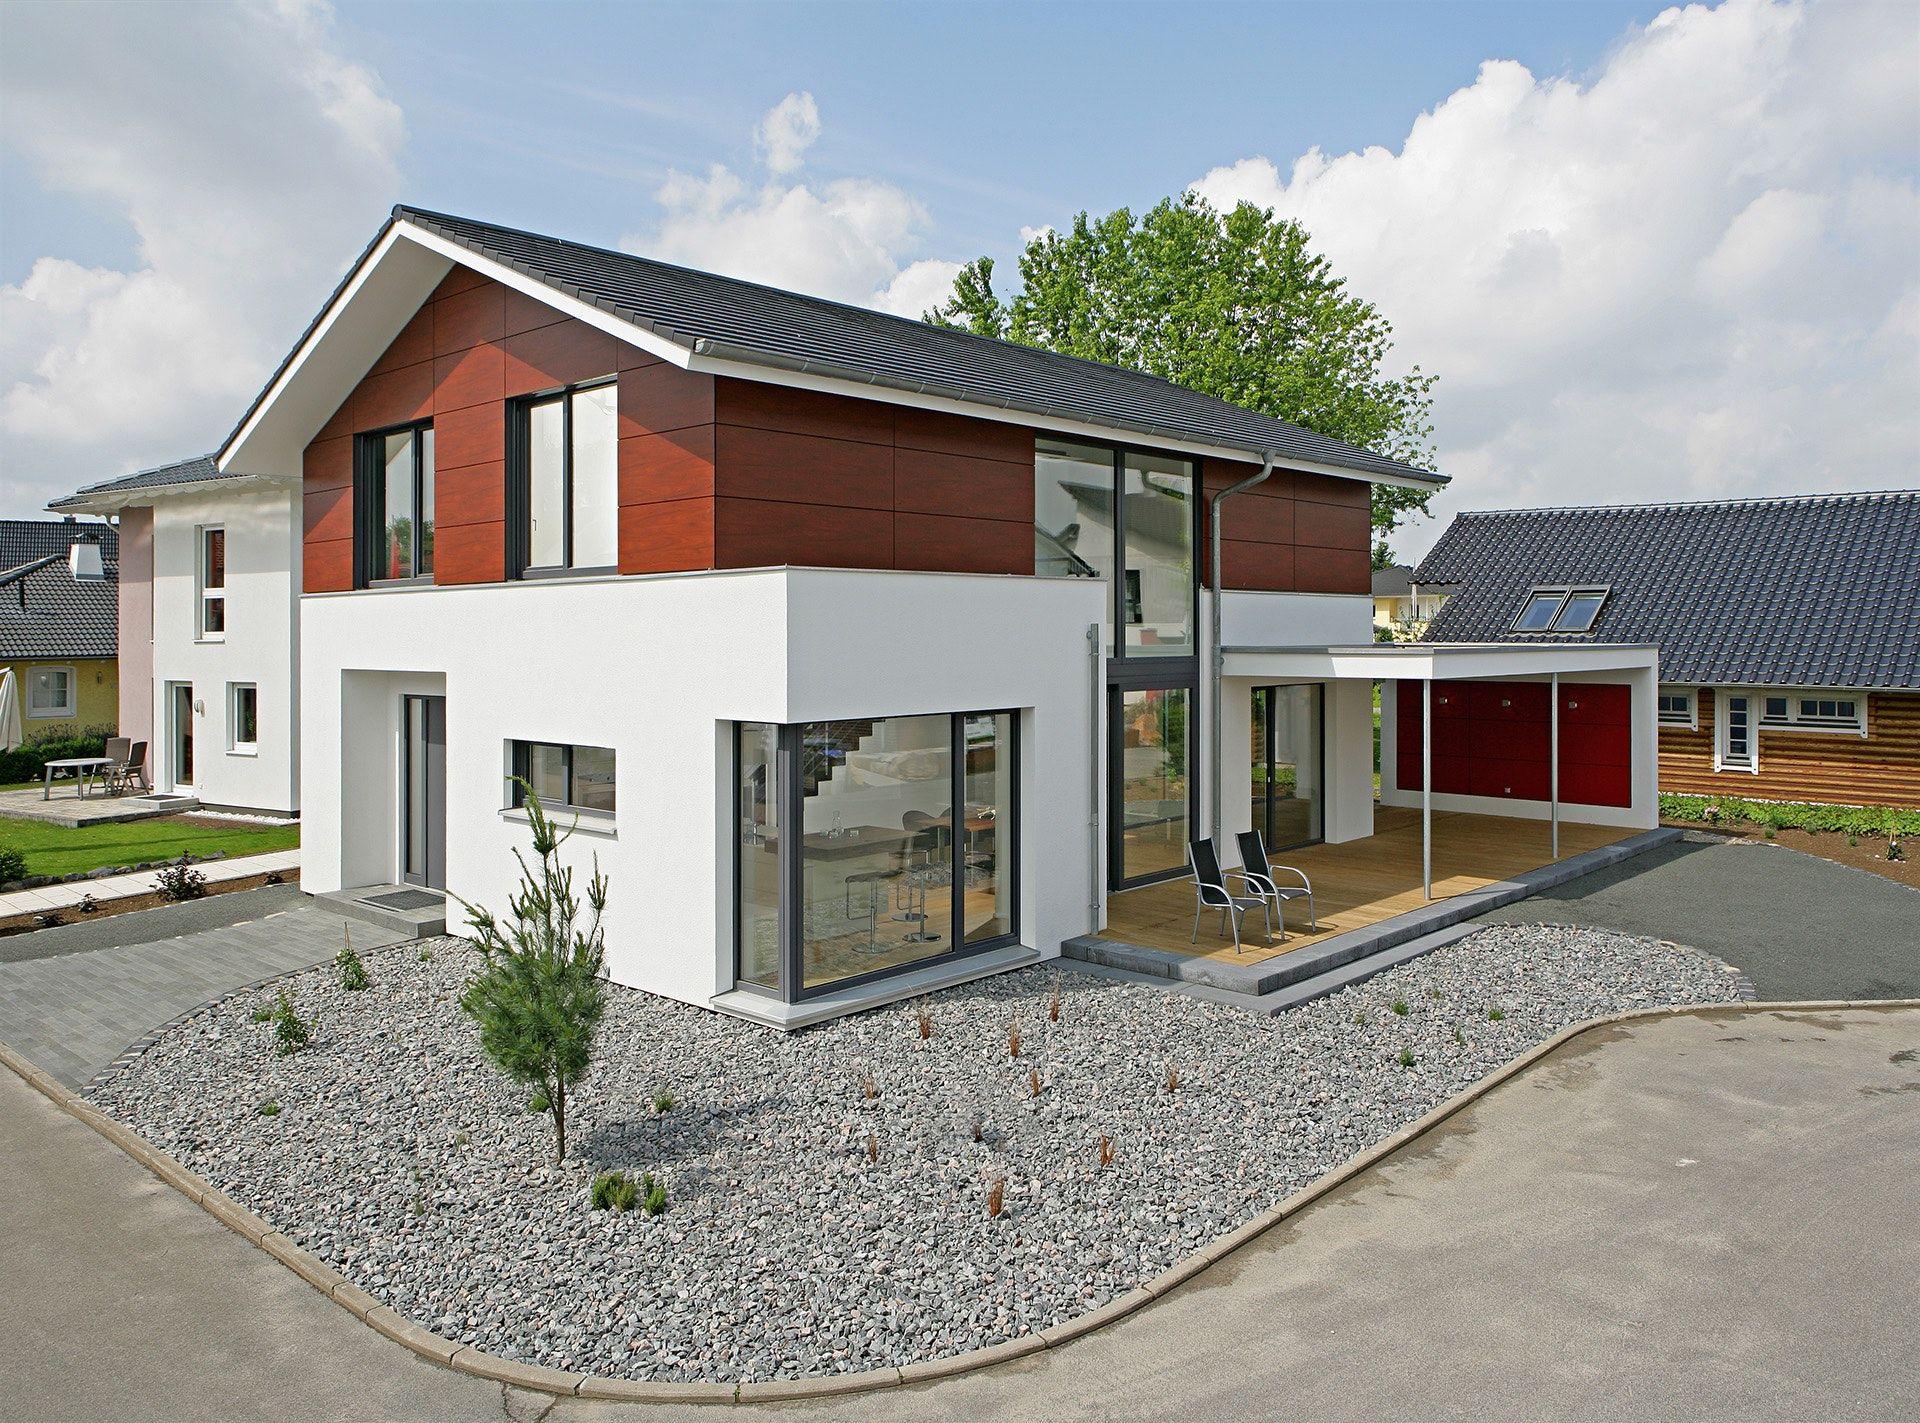 Einfamilienhaus Neubau Modern Satteldach